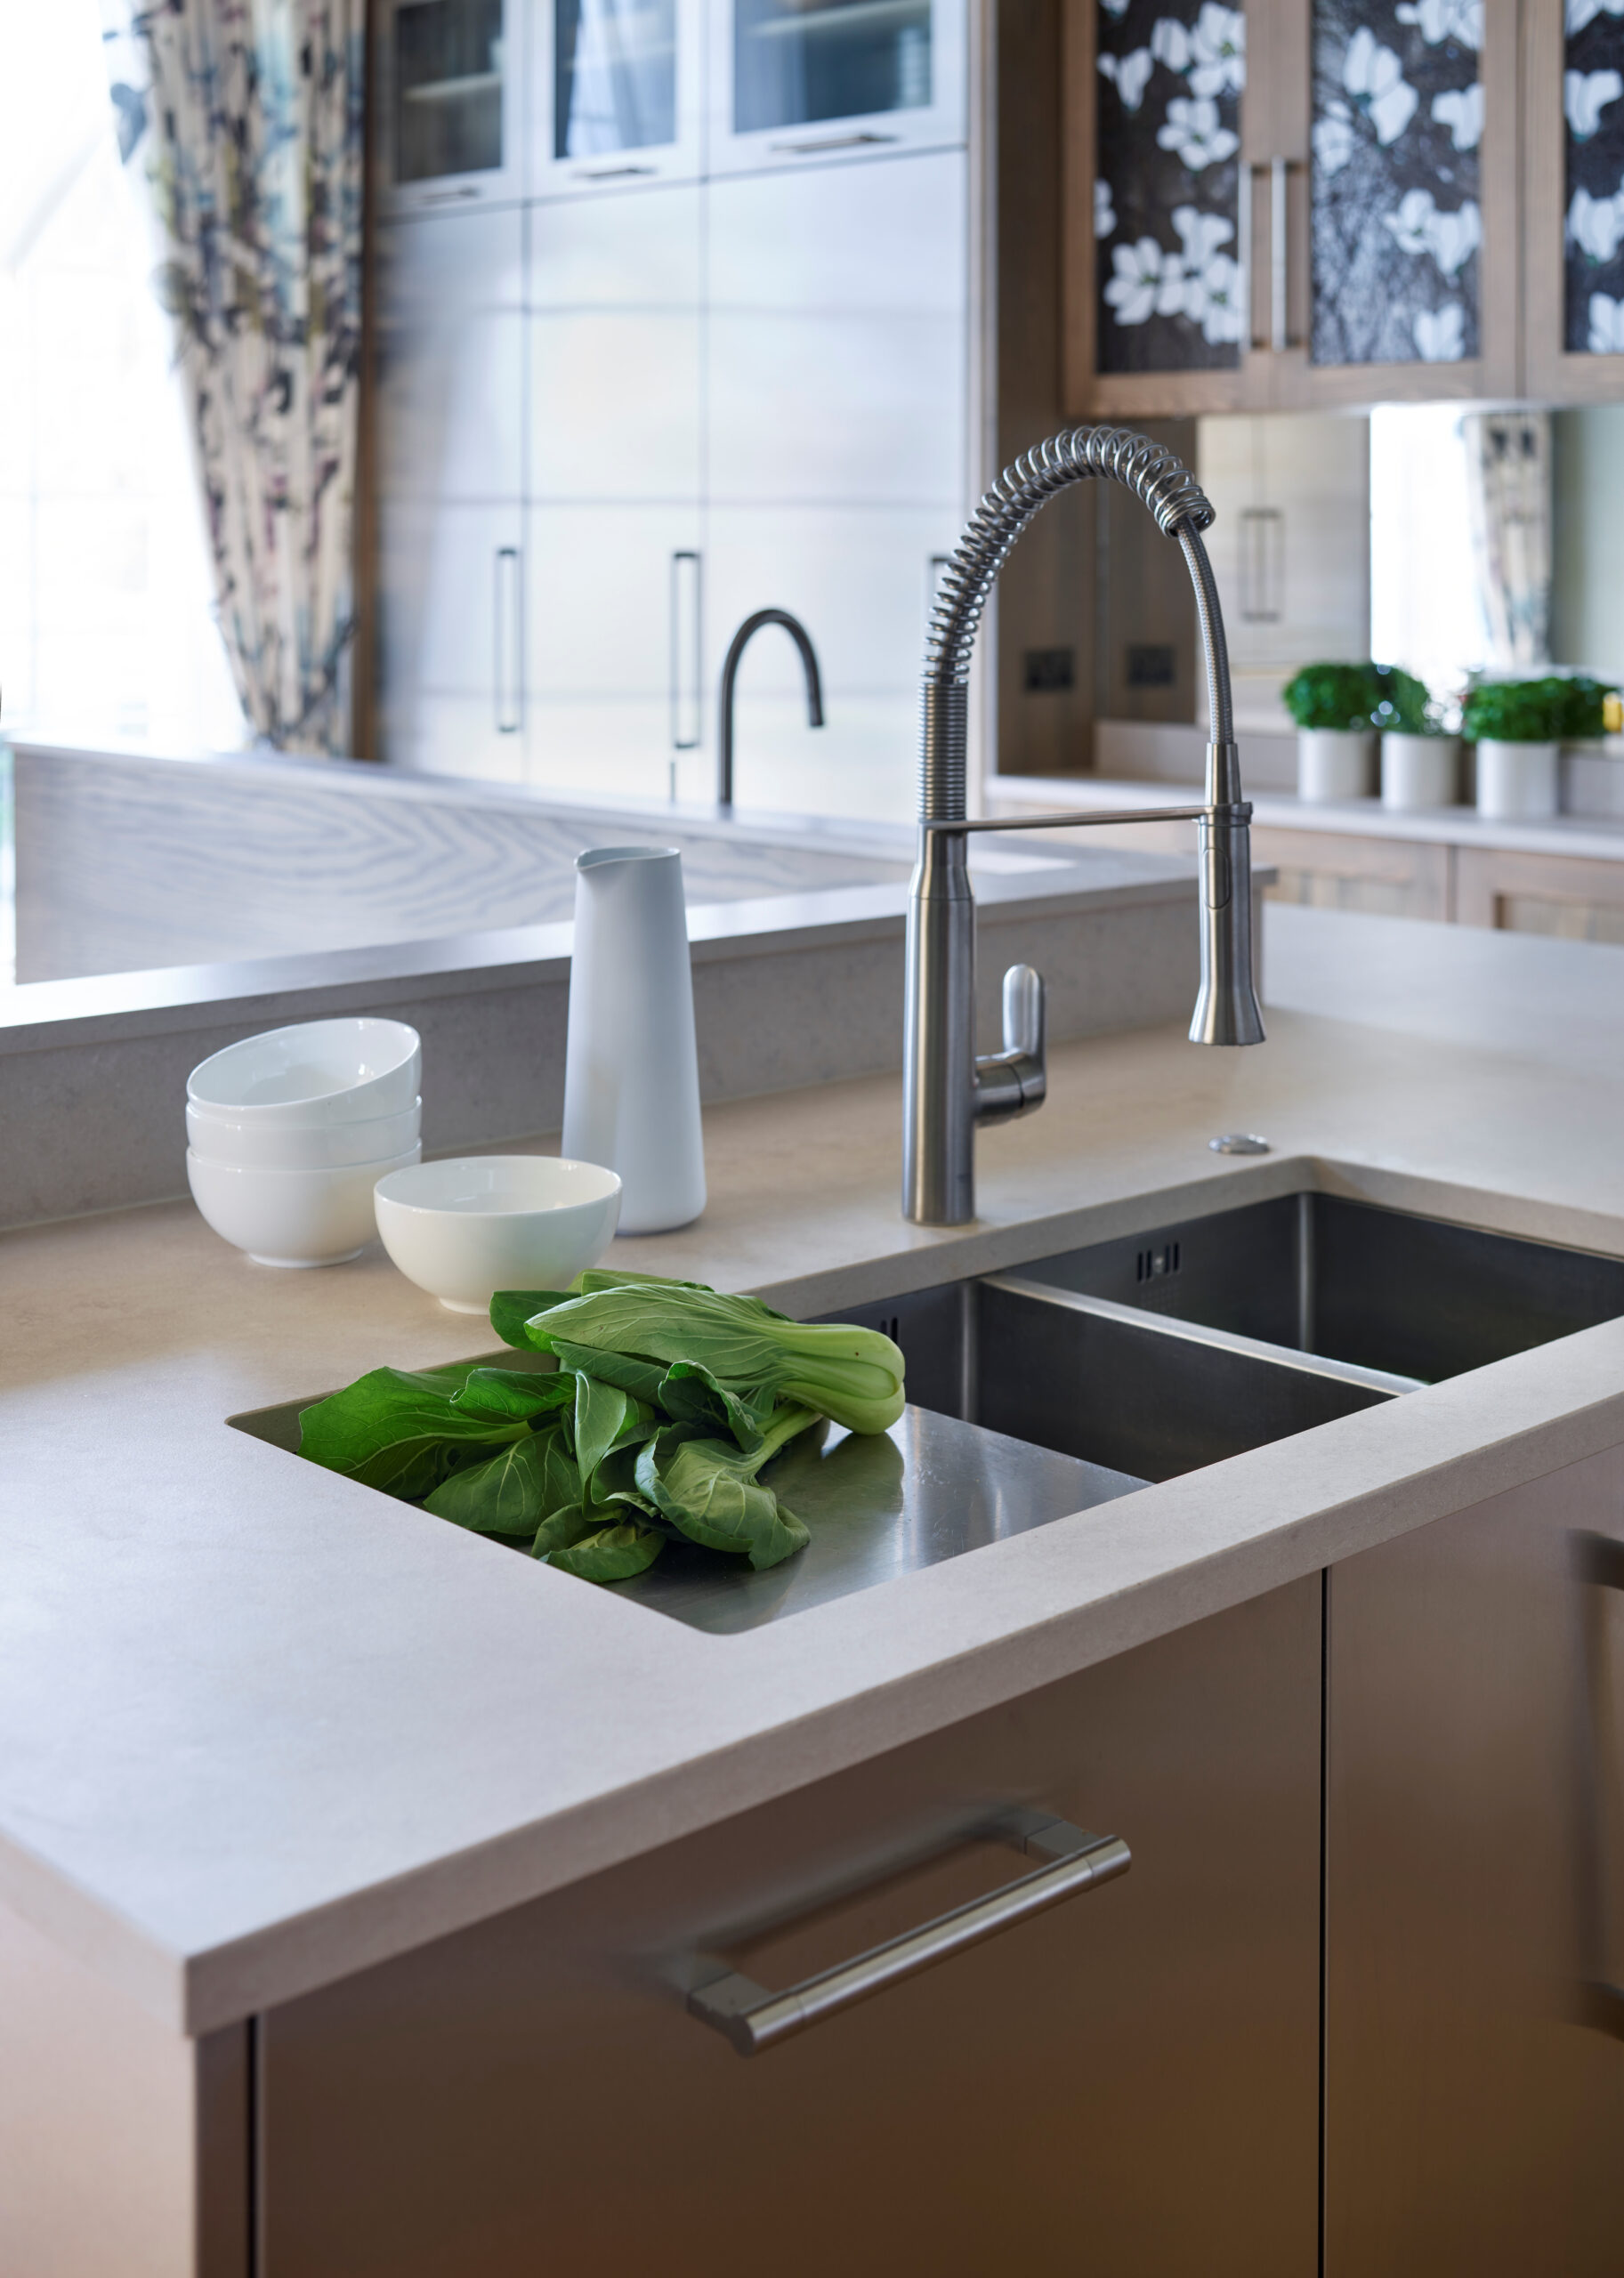 Purley - Undermount Sink